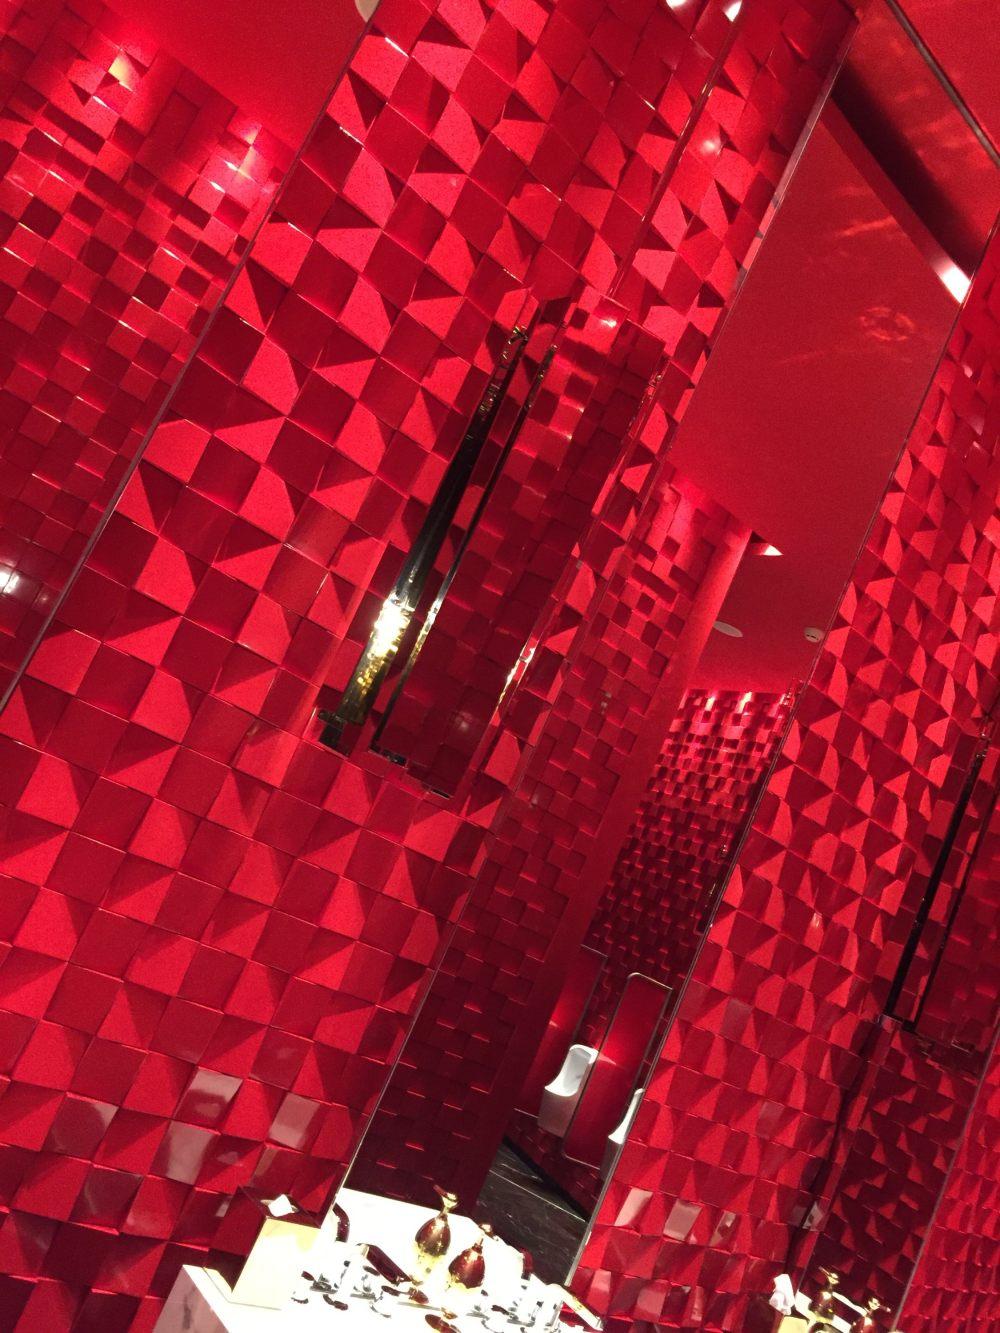 上海外滩W酒店,史上最全入住体验 自拍分享,申请置...._IMG_6158.JPG